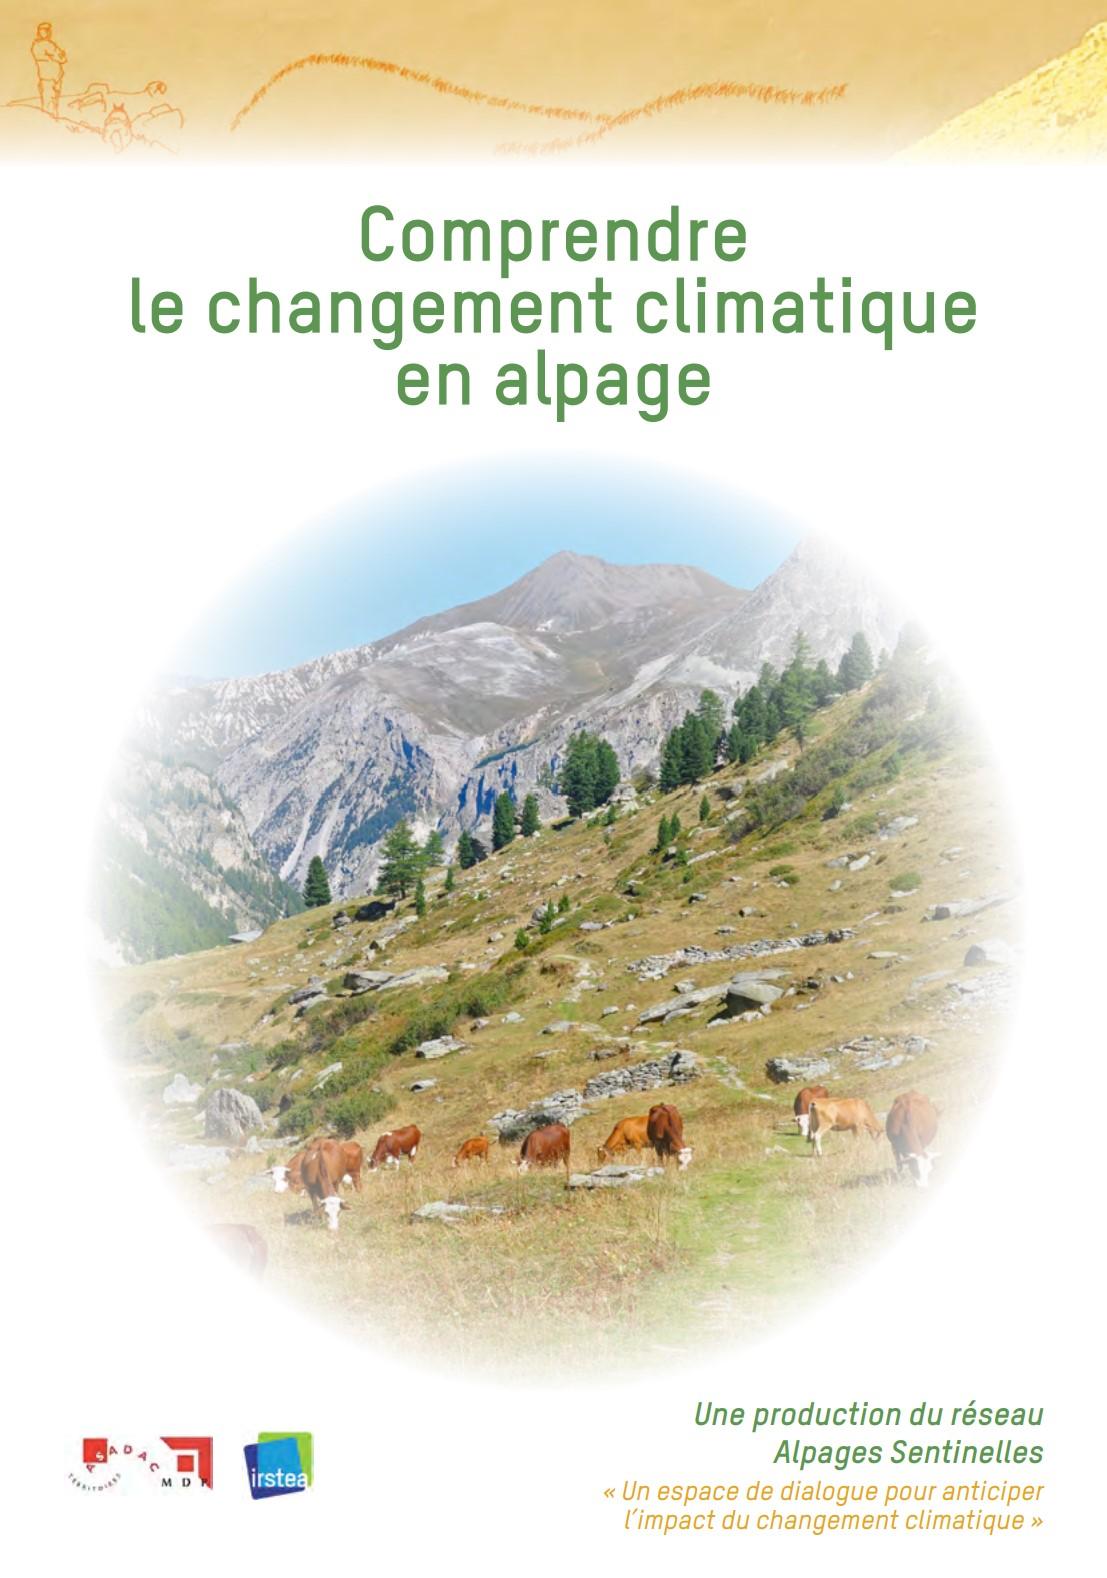 Changement climatique alpages sentinelles1